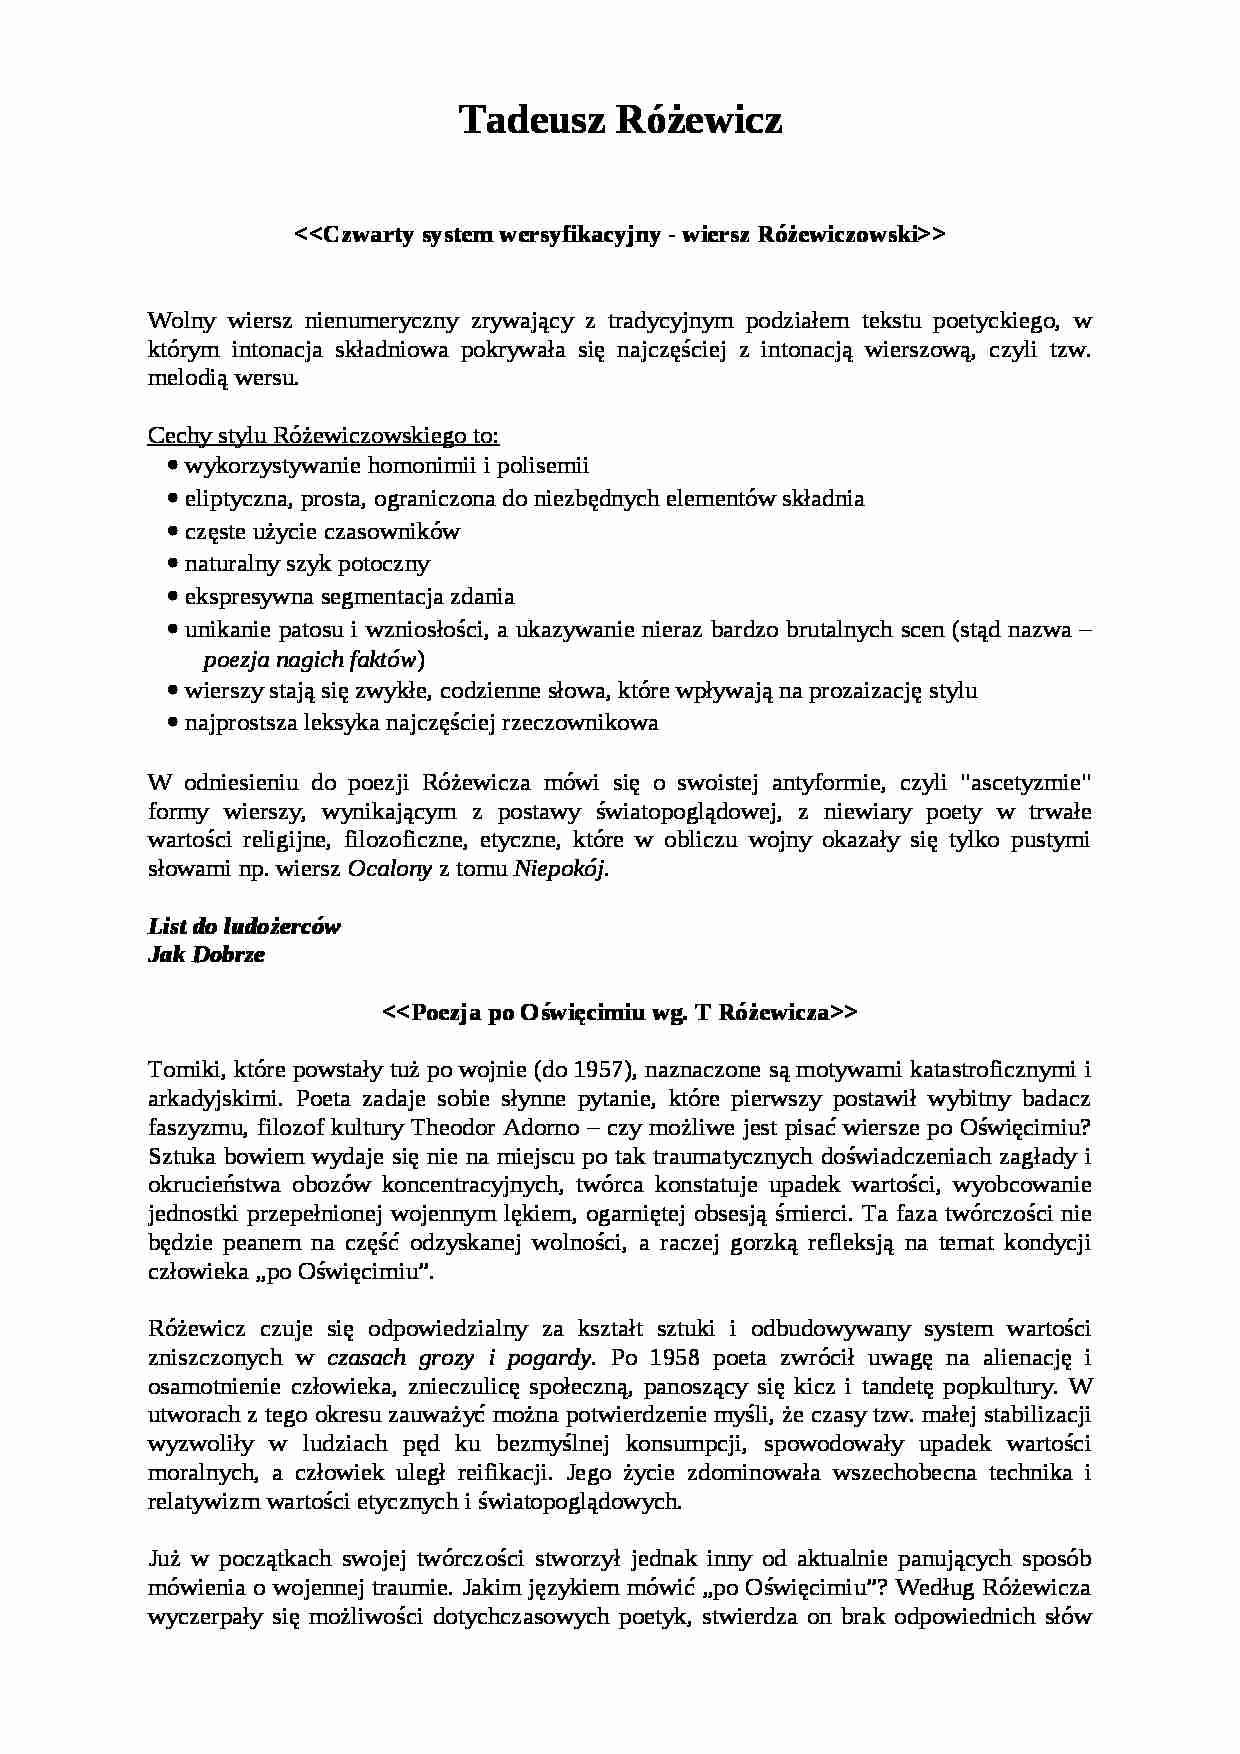 Tadeusz Różewicz Cechy Stylu Notatekpl